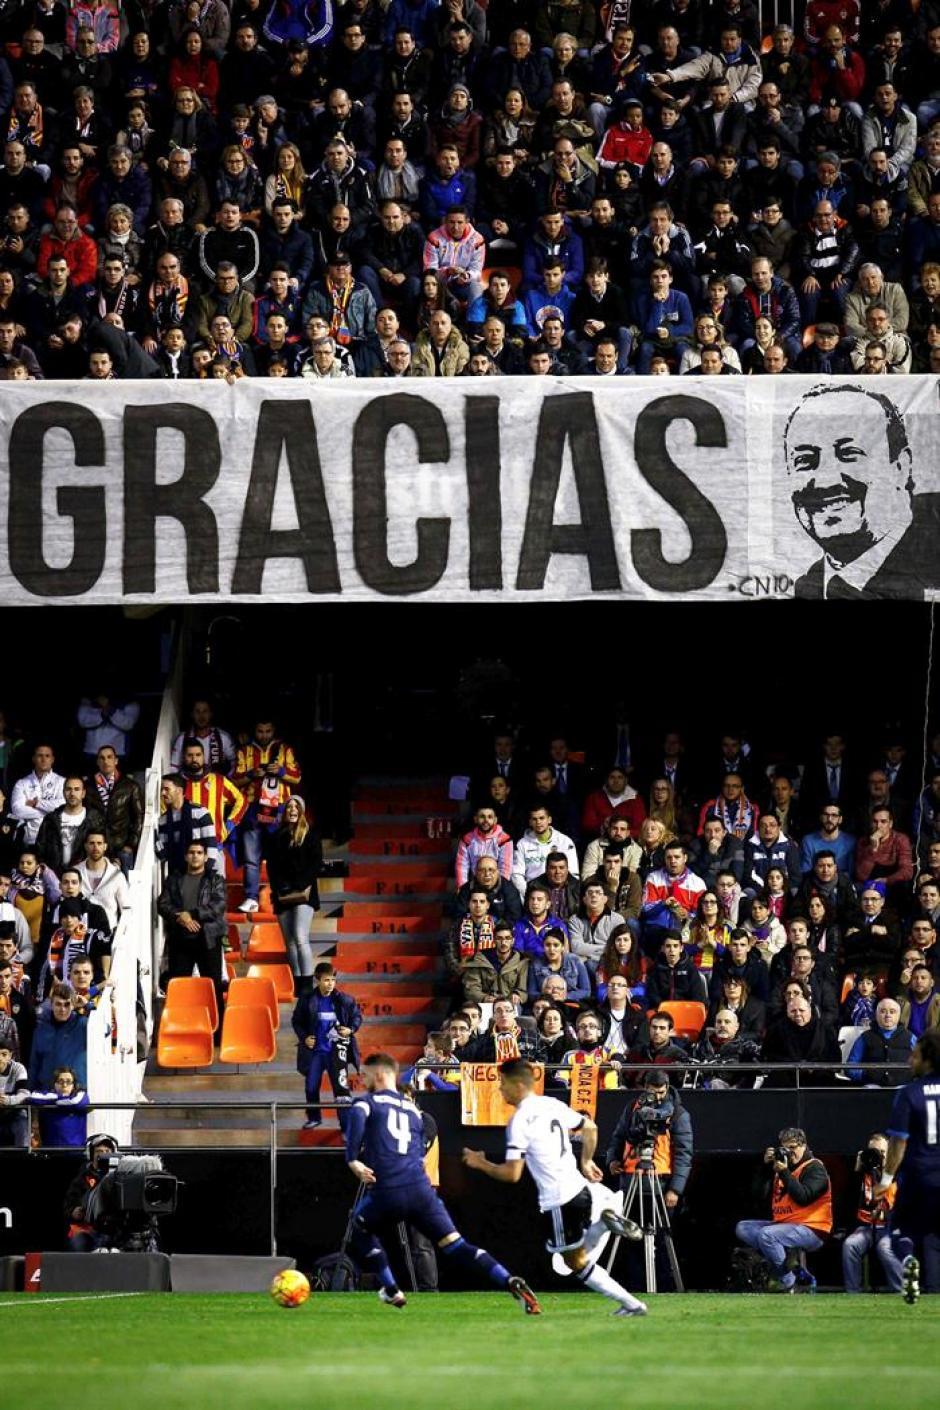 La afición de Valencia reconoció a Rafael Benítez, (ahora técnico de Real Madrid) quien tuvo exitoso paso por Valencia, ganando la Copa de la UEFA en 2004.(Foto: EFE)